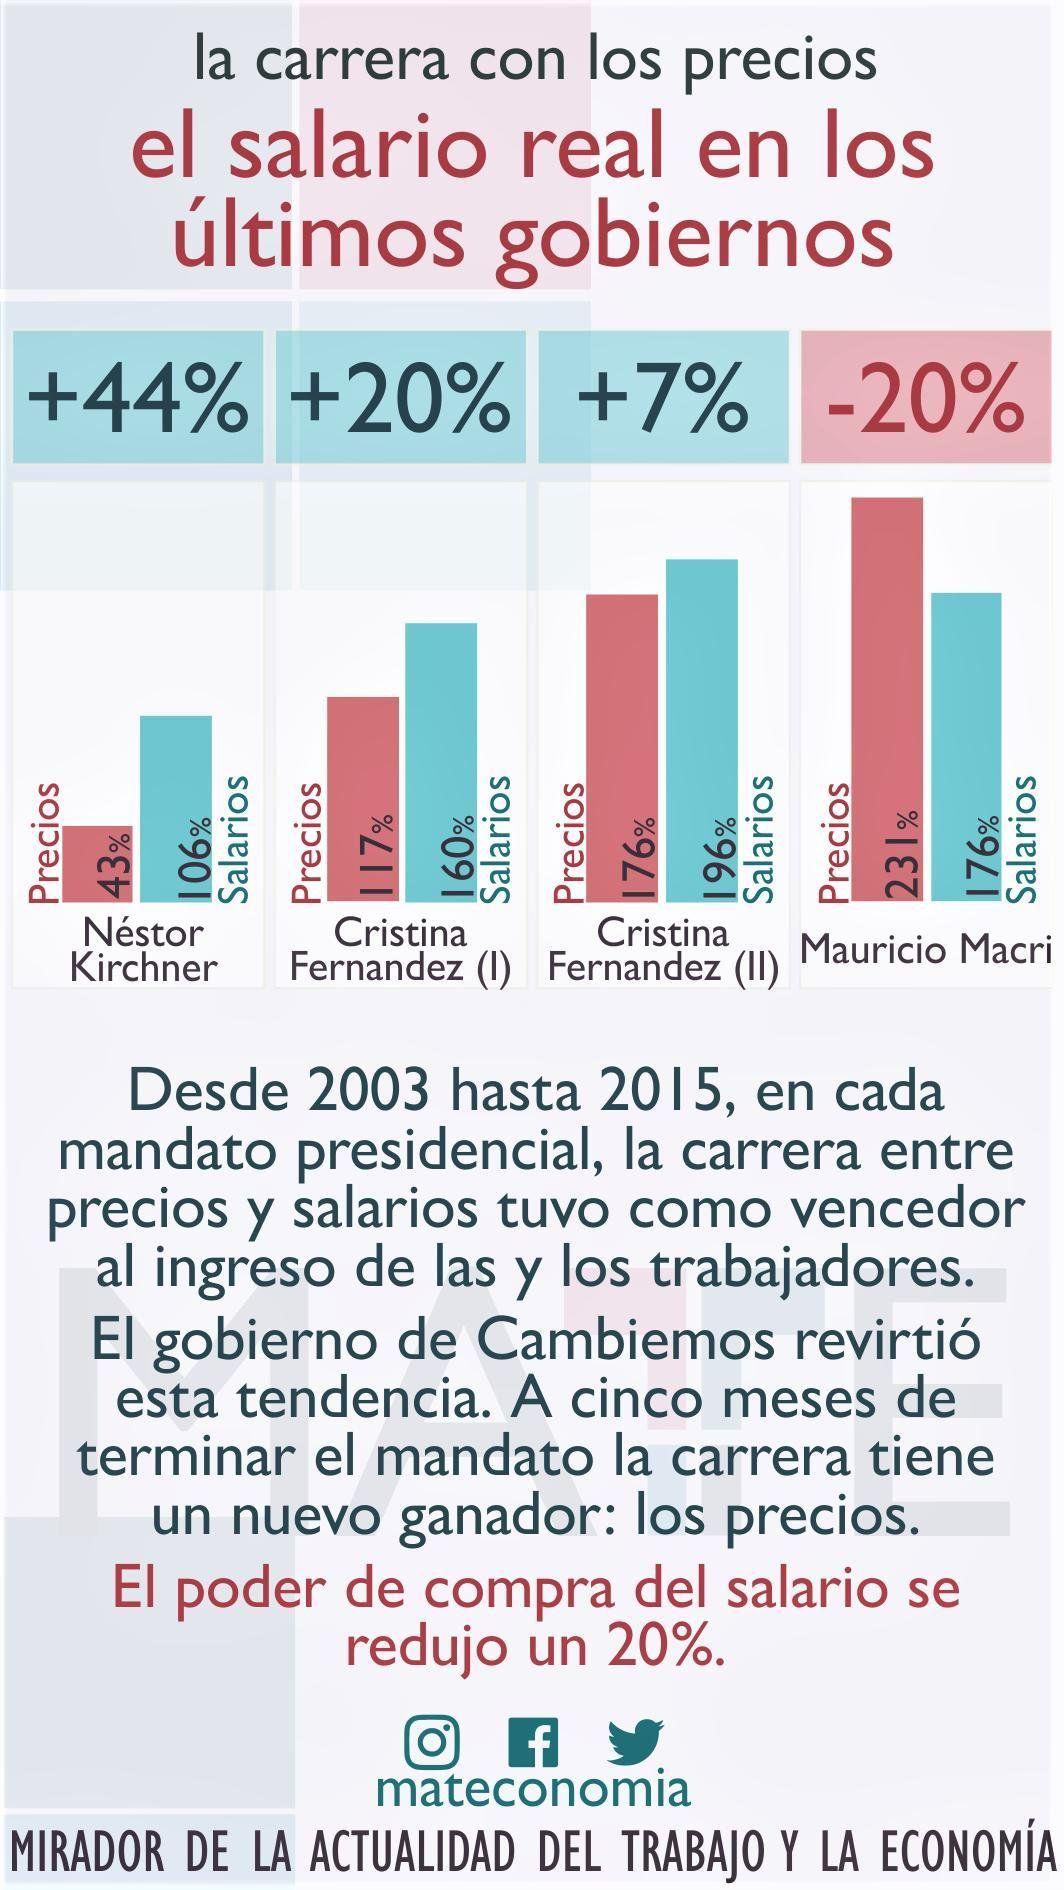 Visualización en porcentajes de la carrera con los precios y los salarios reales en Argentina, cortesía del Mirador de la Actualidad del Trabajo y la Economía